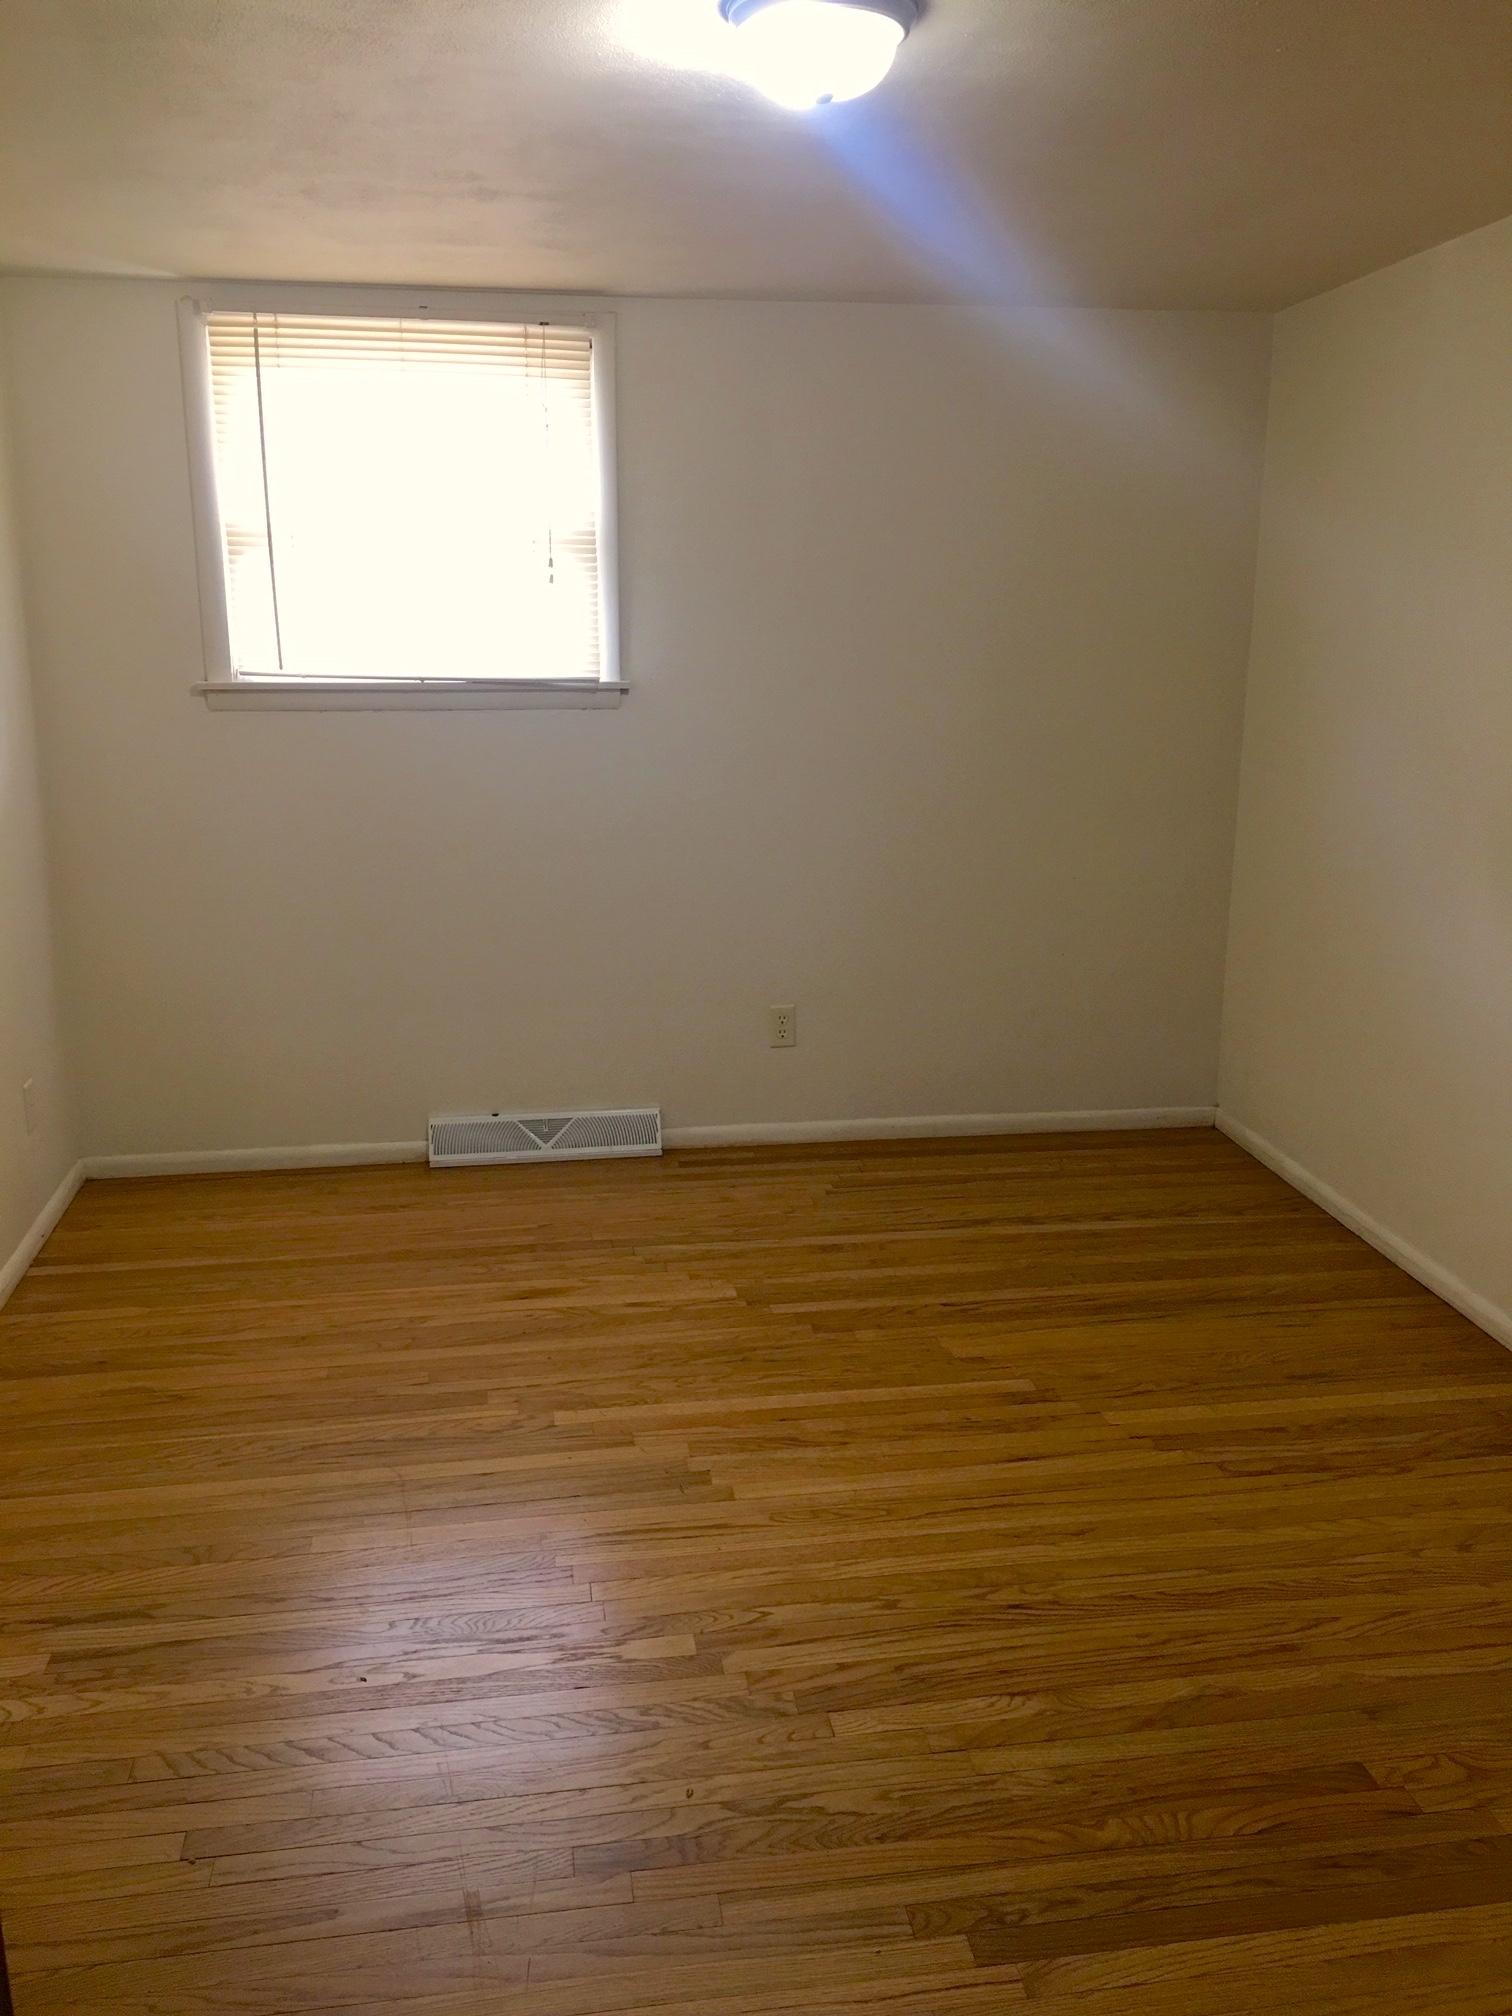 818 Greenbrier Rd, DeKalb, IL 60115 (4-8 Blocks Away)